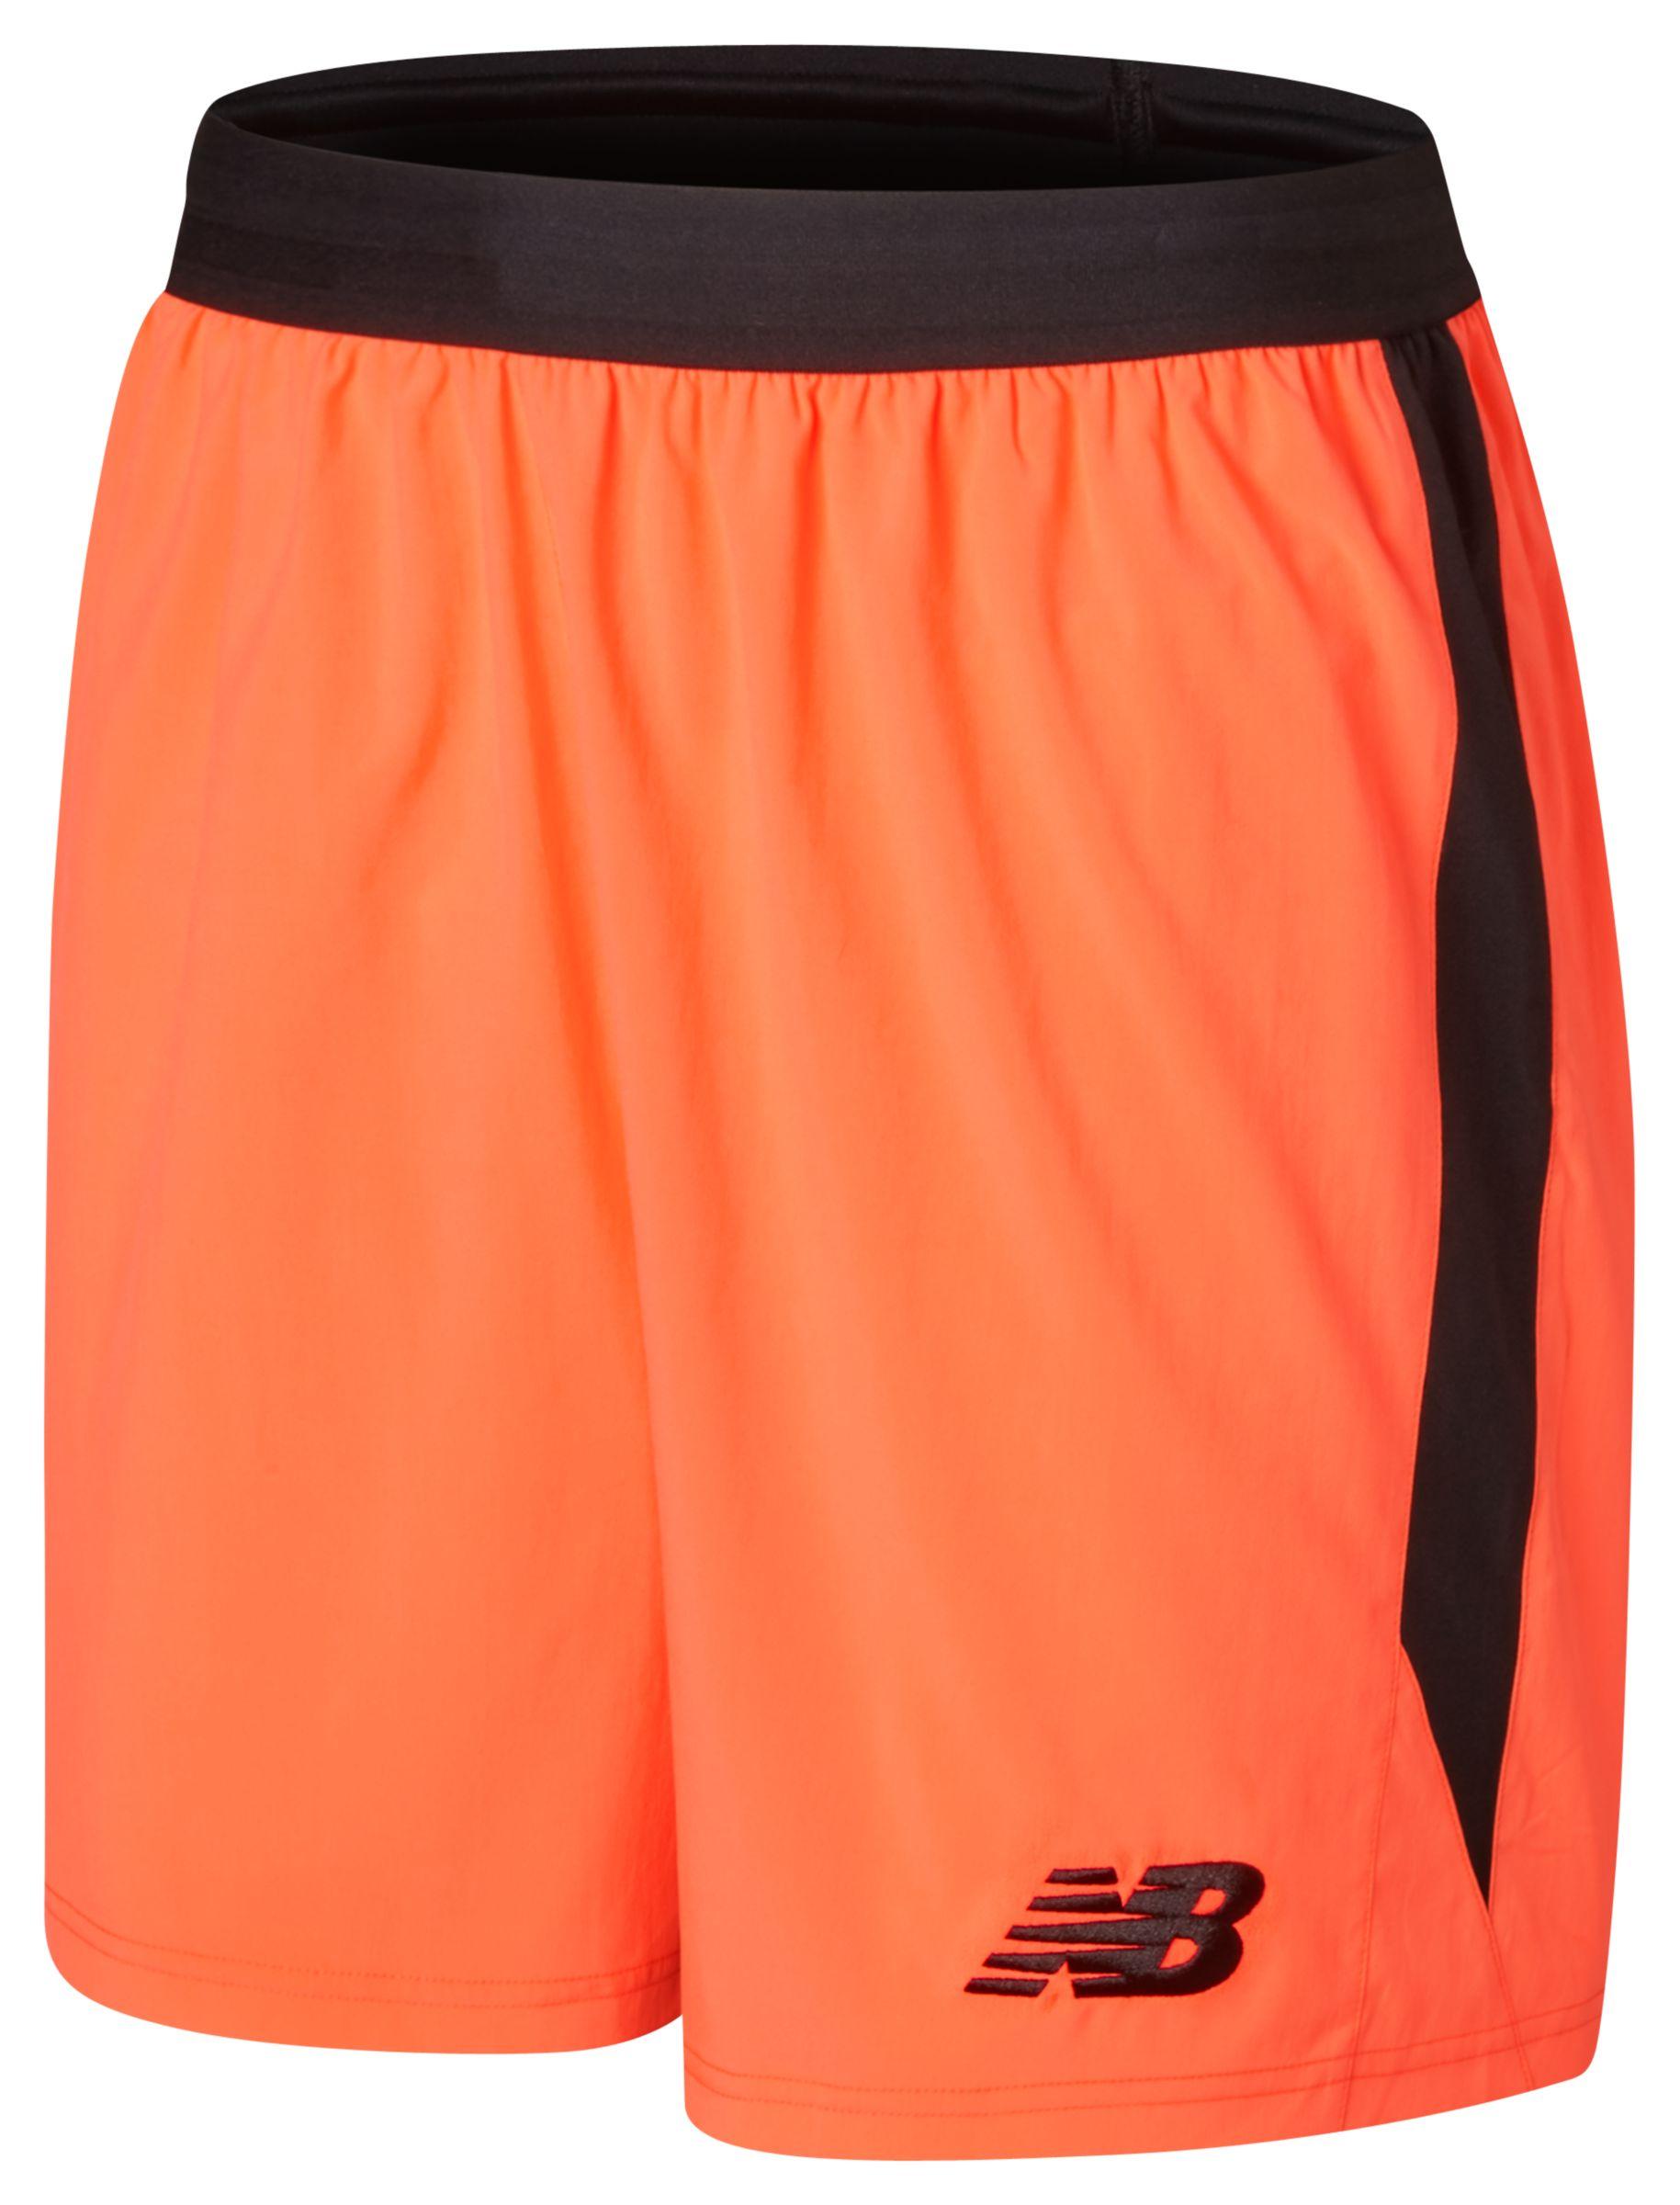 NB LFC 3Rd Junior Short, Bold Citrus